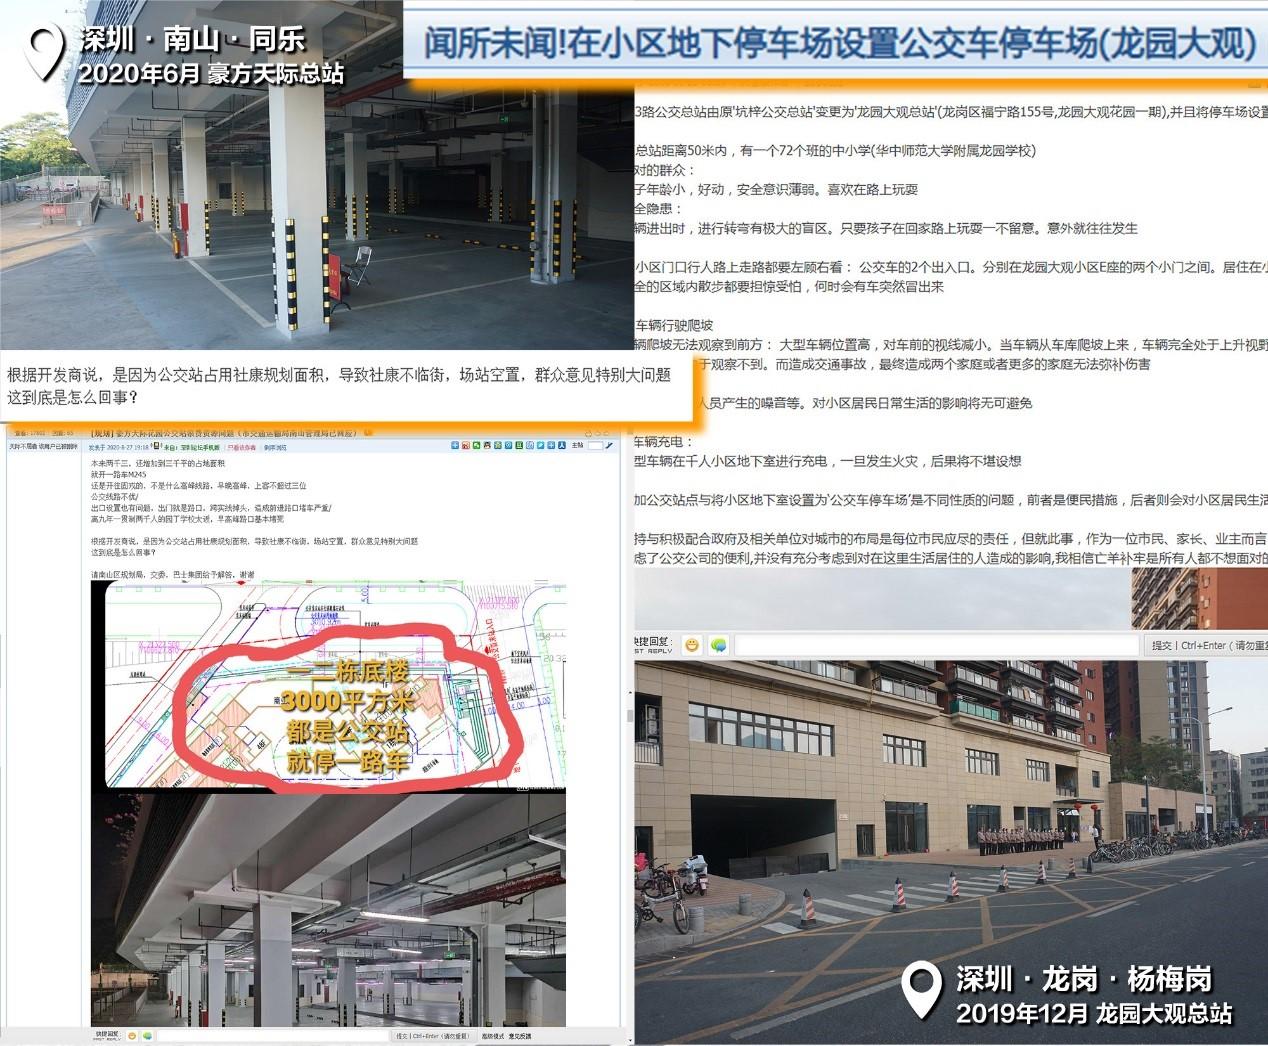 两则深圳新闻网论坛邻避主题贴文节选及实地照片:居民以各种理由事后阻碍配建公共设施启用,本不值得提倡,但这两处场站的规划和设计本身极吊诡。